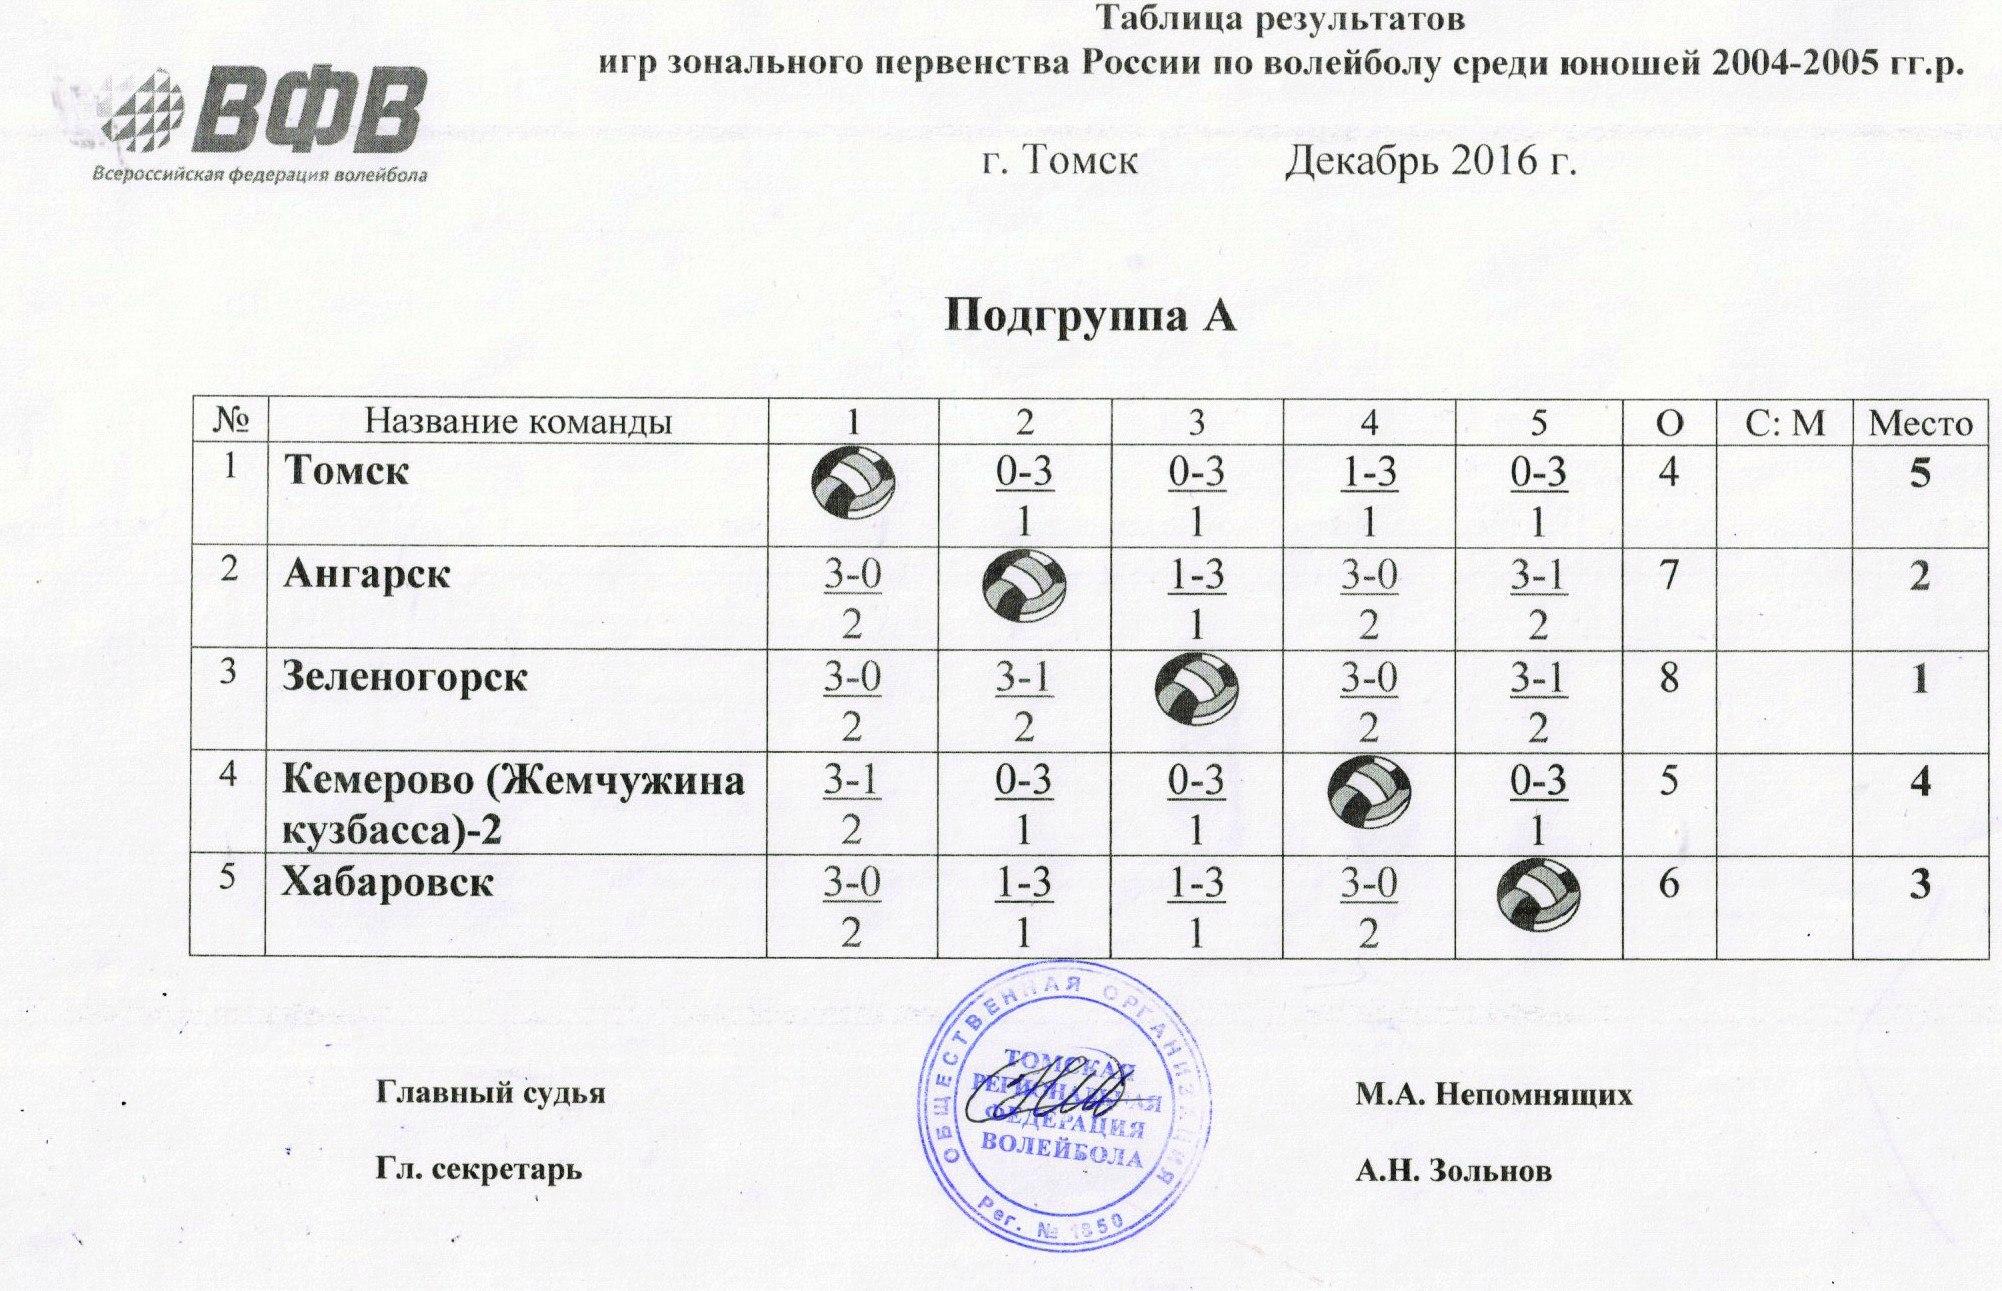 Подгруппа А Зонального этапа Первенства России по волейболу среди команд юношей 2004-2005 г.р. сезона 2016/2017.